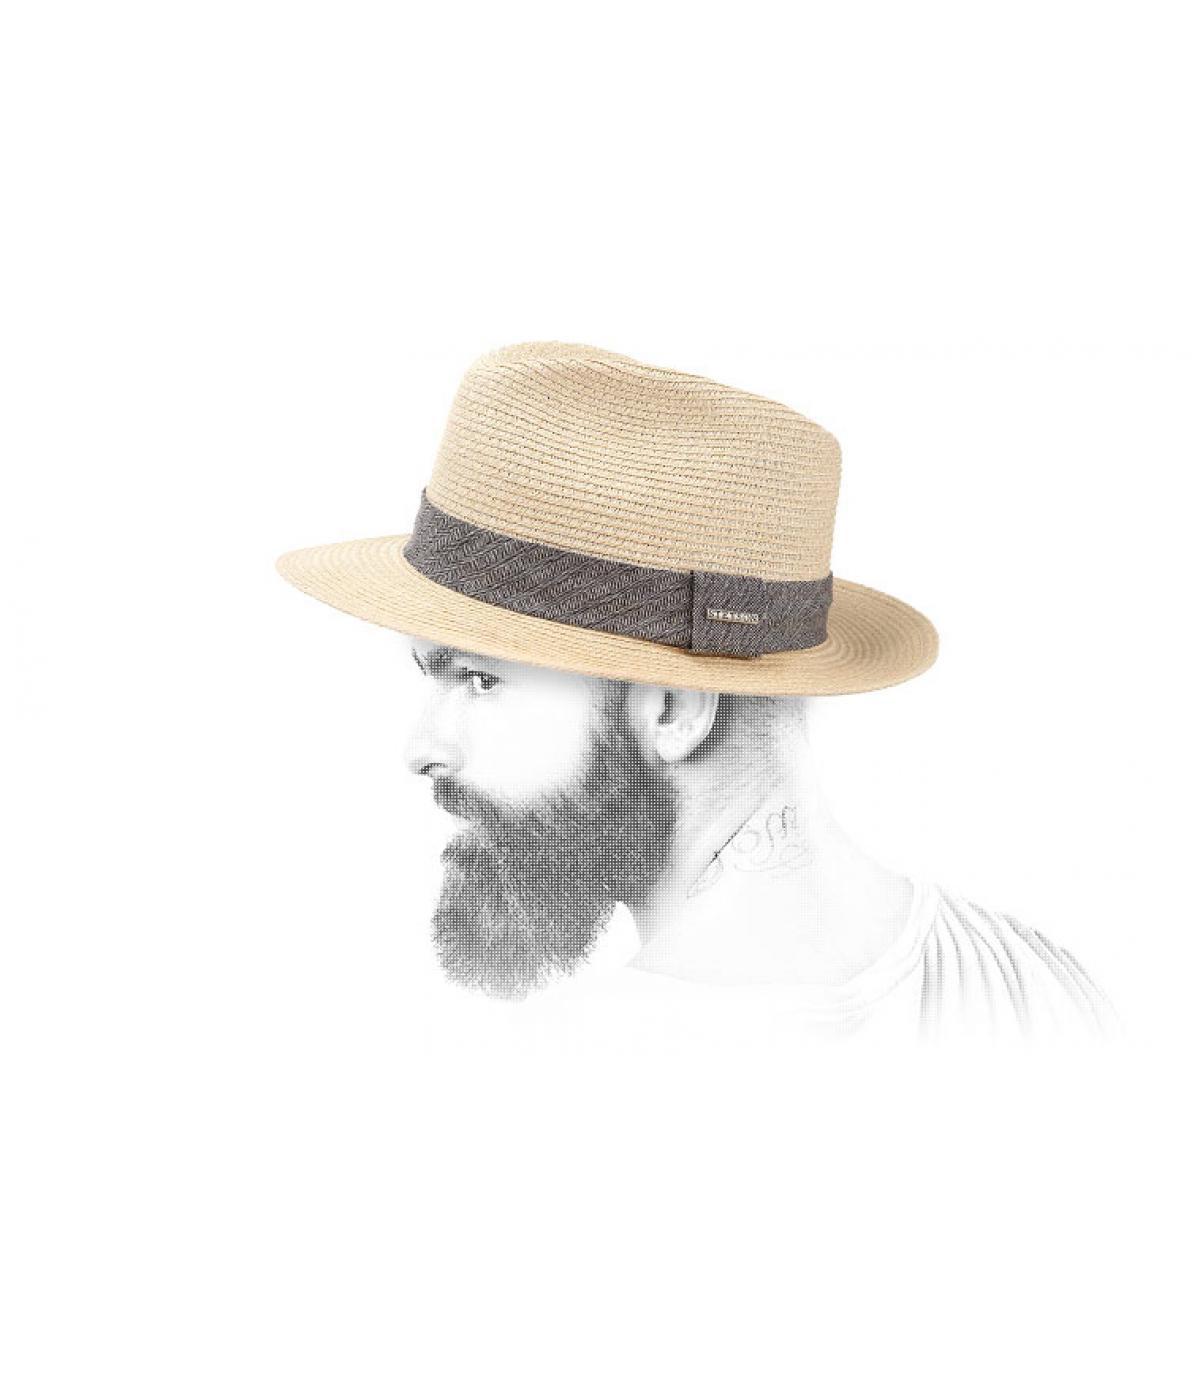 Cappello paglia uomo Stetson